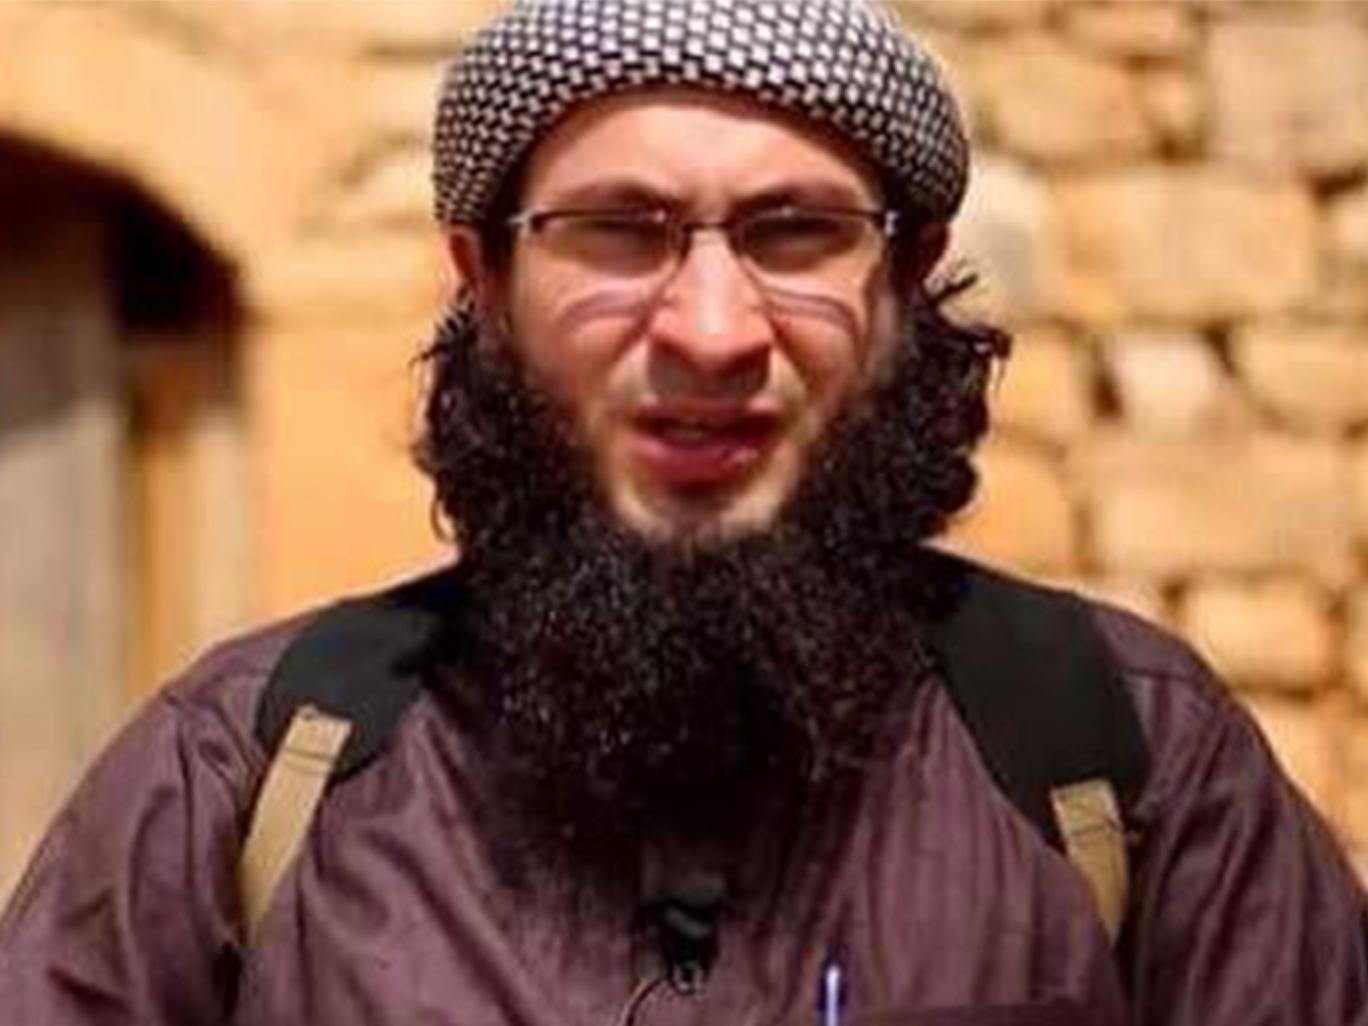 Сообщения о гибели аль-Масри пока не нашли официального подтверждения